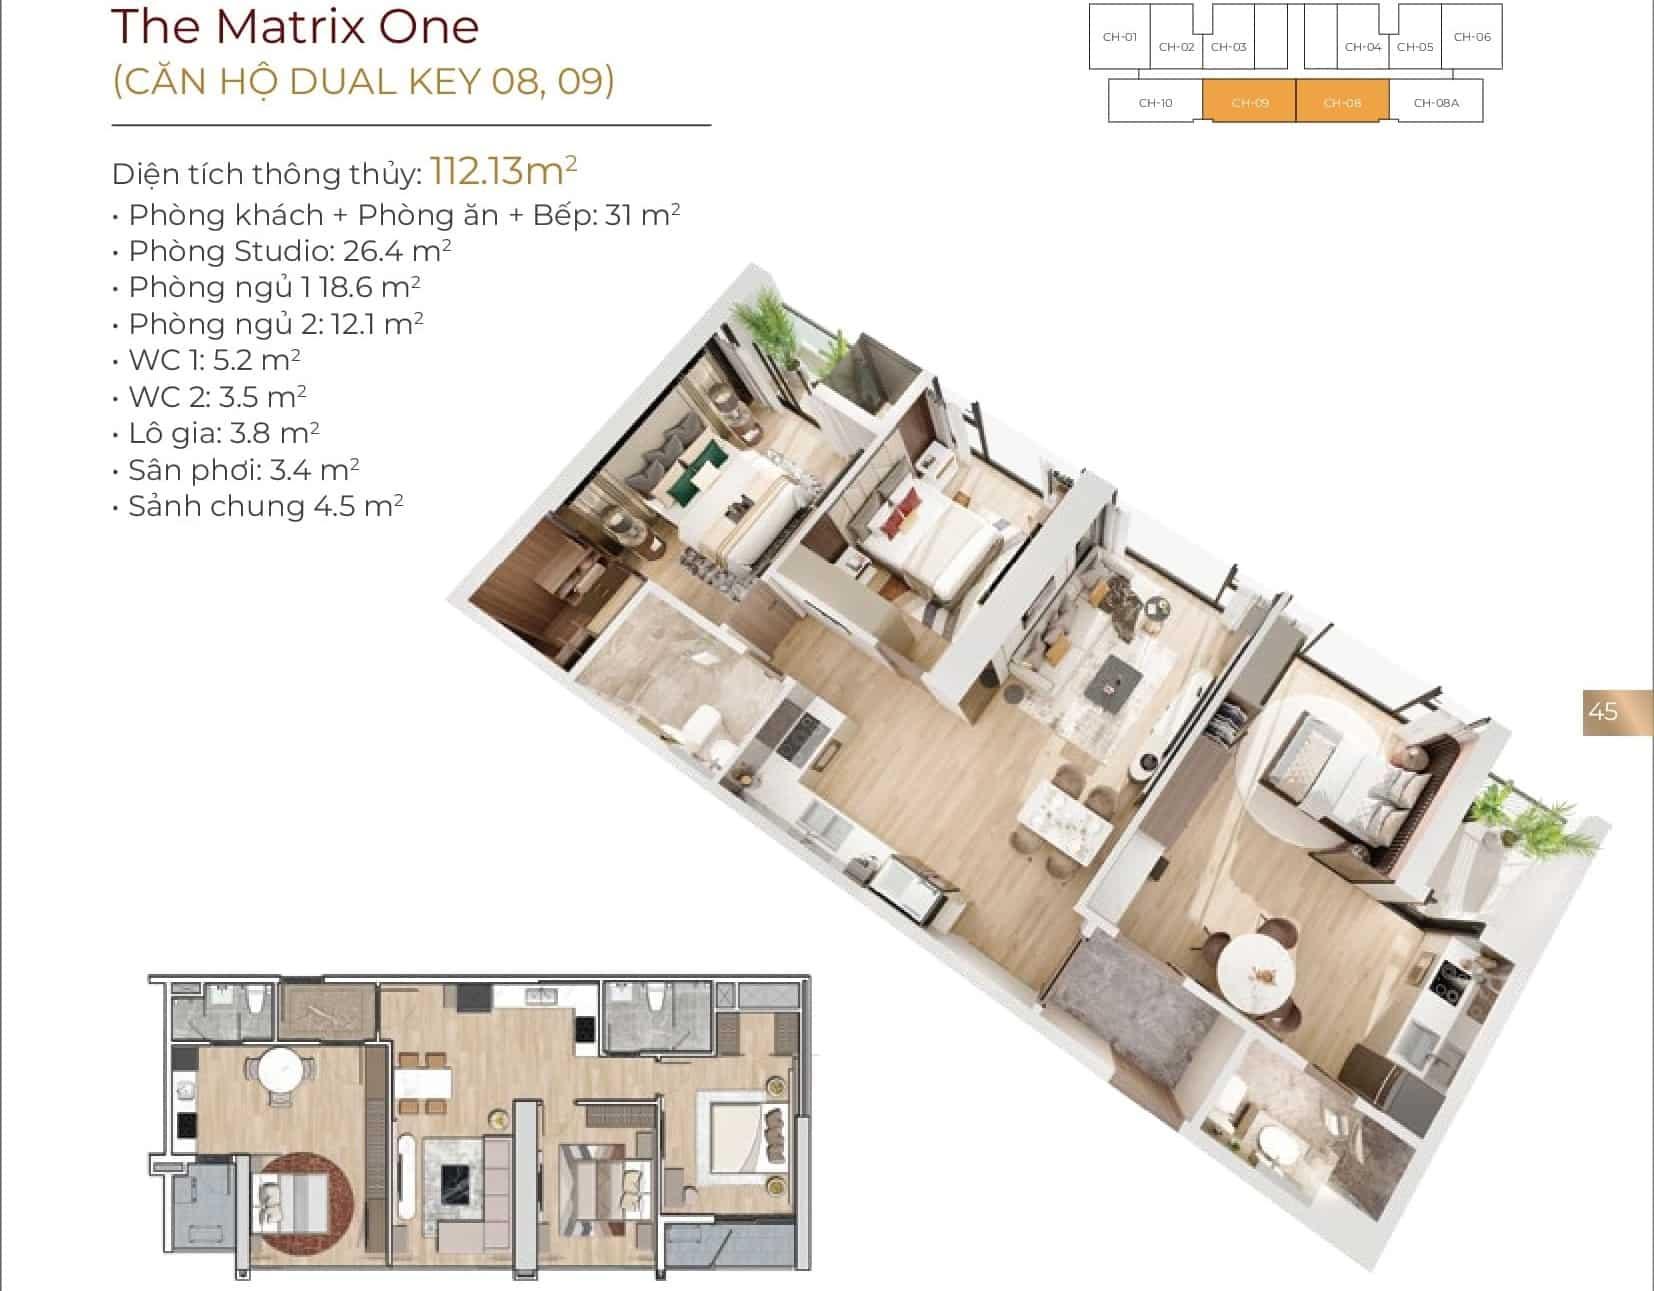 Thiết kế căn hộ Dual Key 08, 09